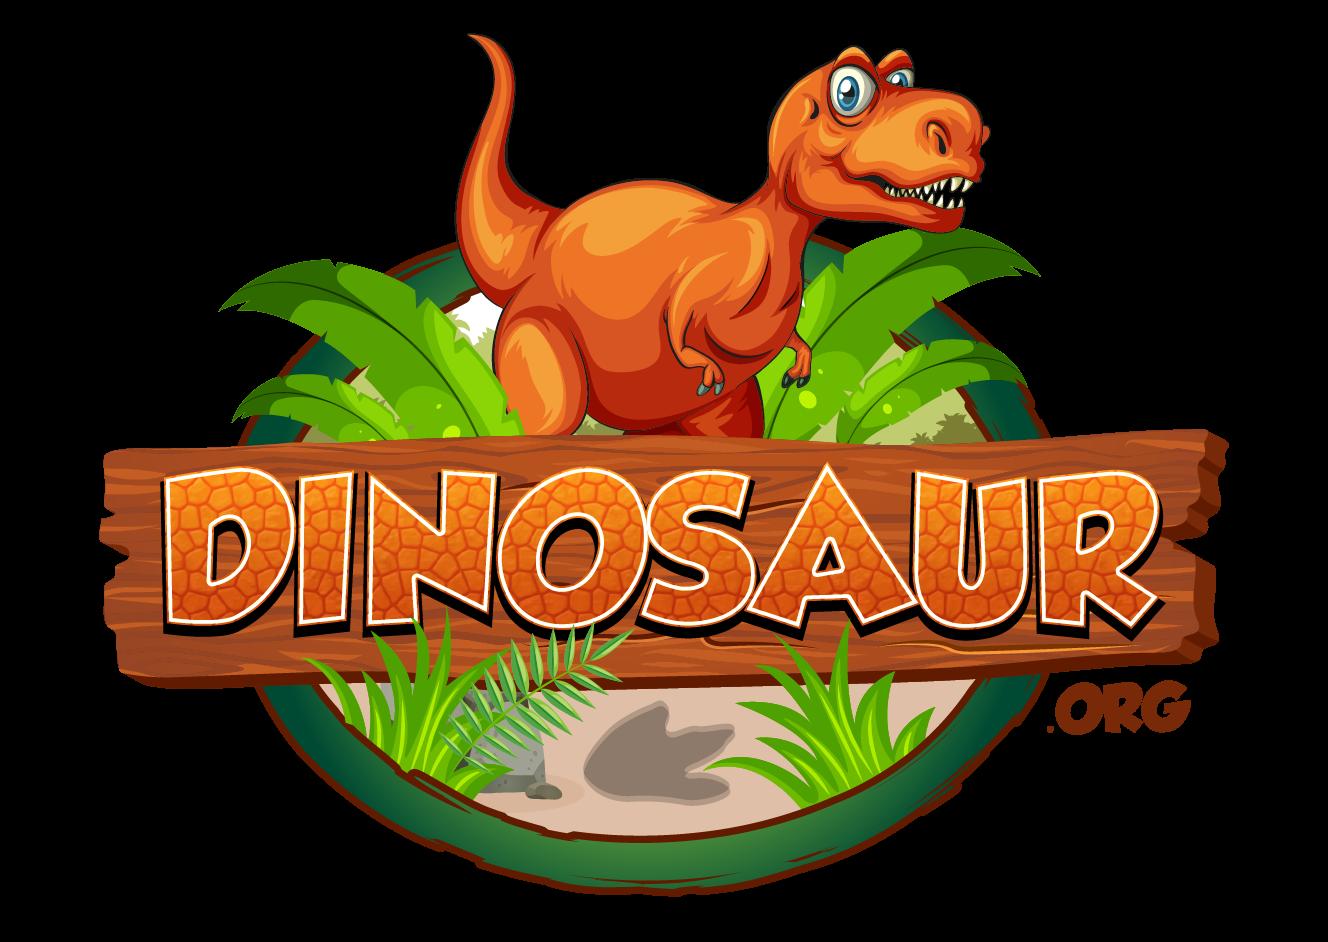 Dinosaur.org logo